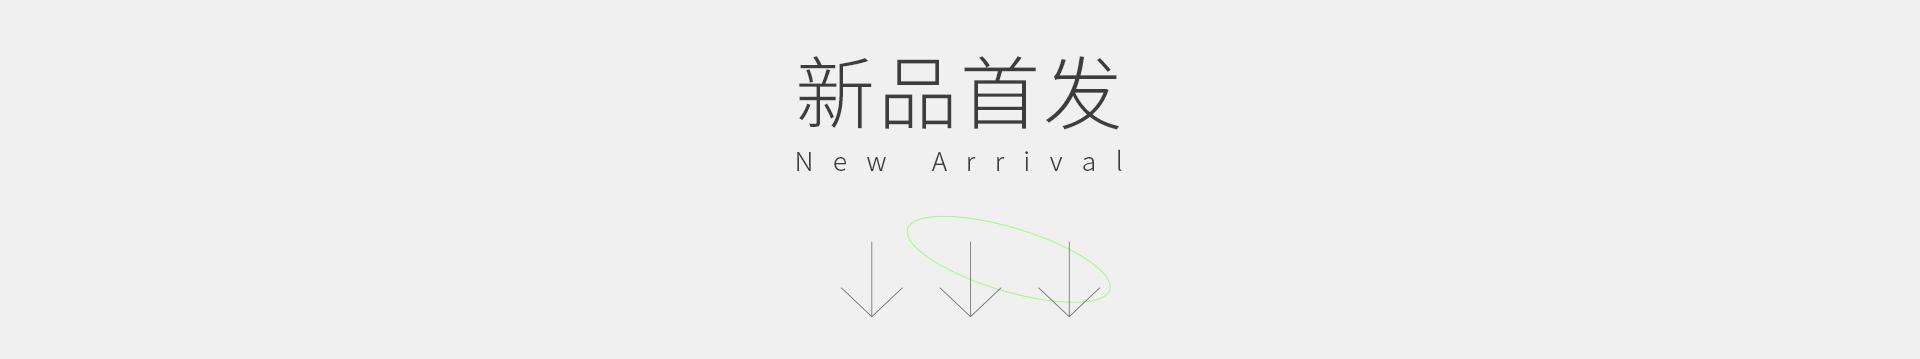 国内网站中文_05